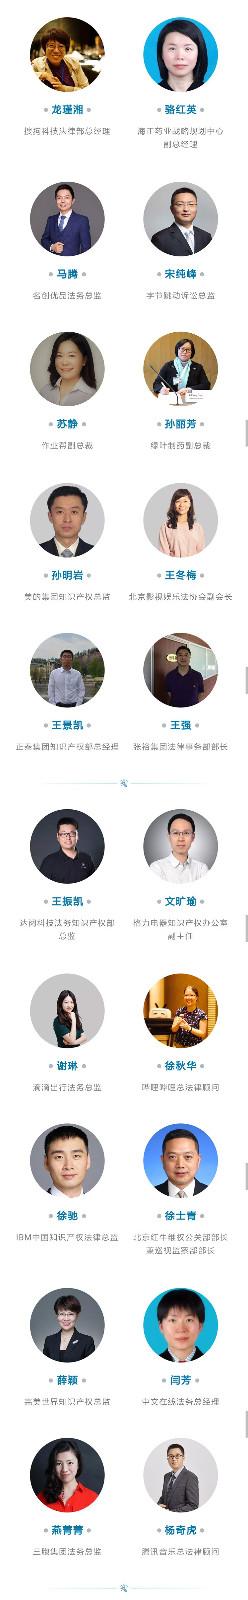 50位企业评审名单公布!中国优秀知识产权律师TOP50即将出炉